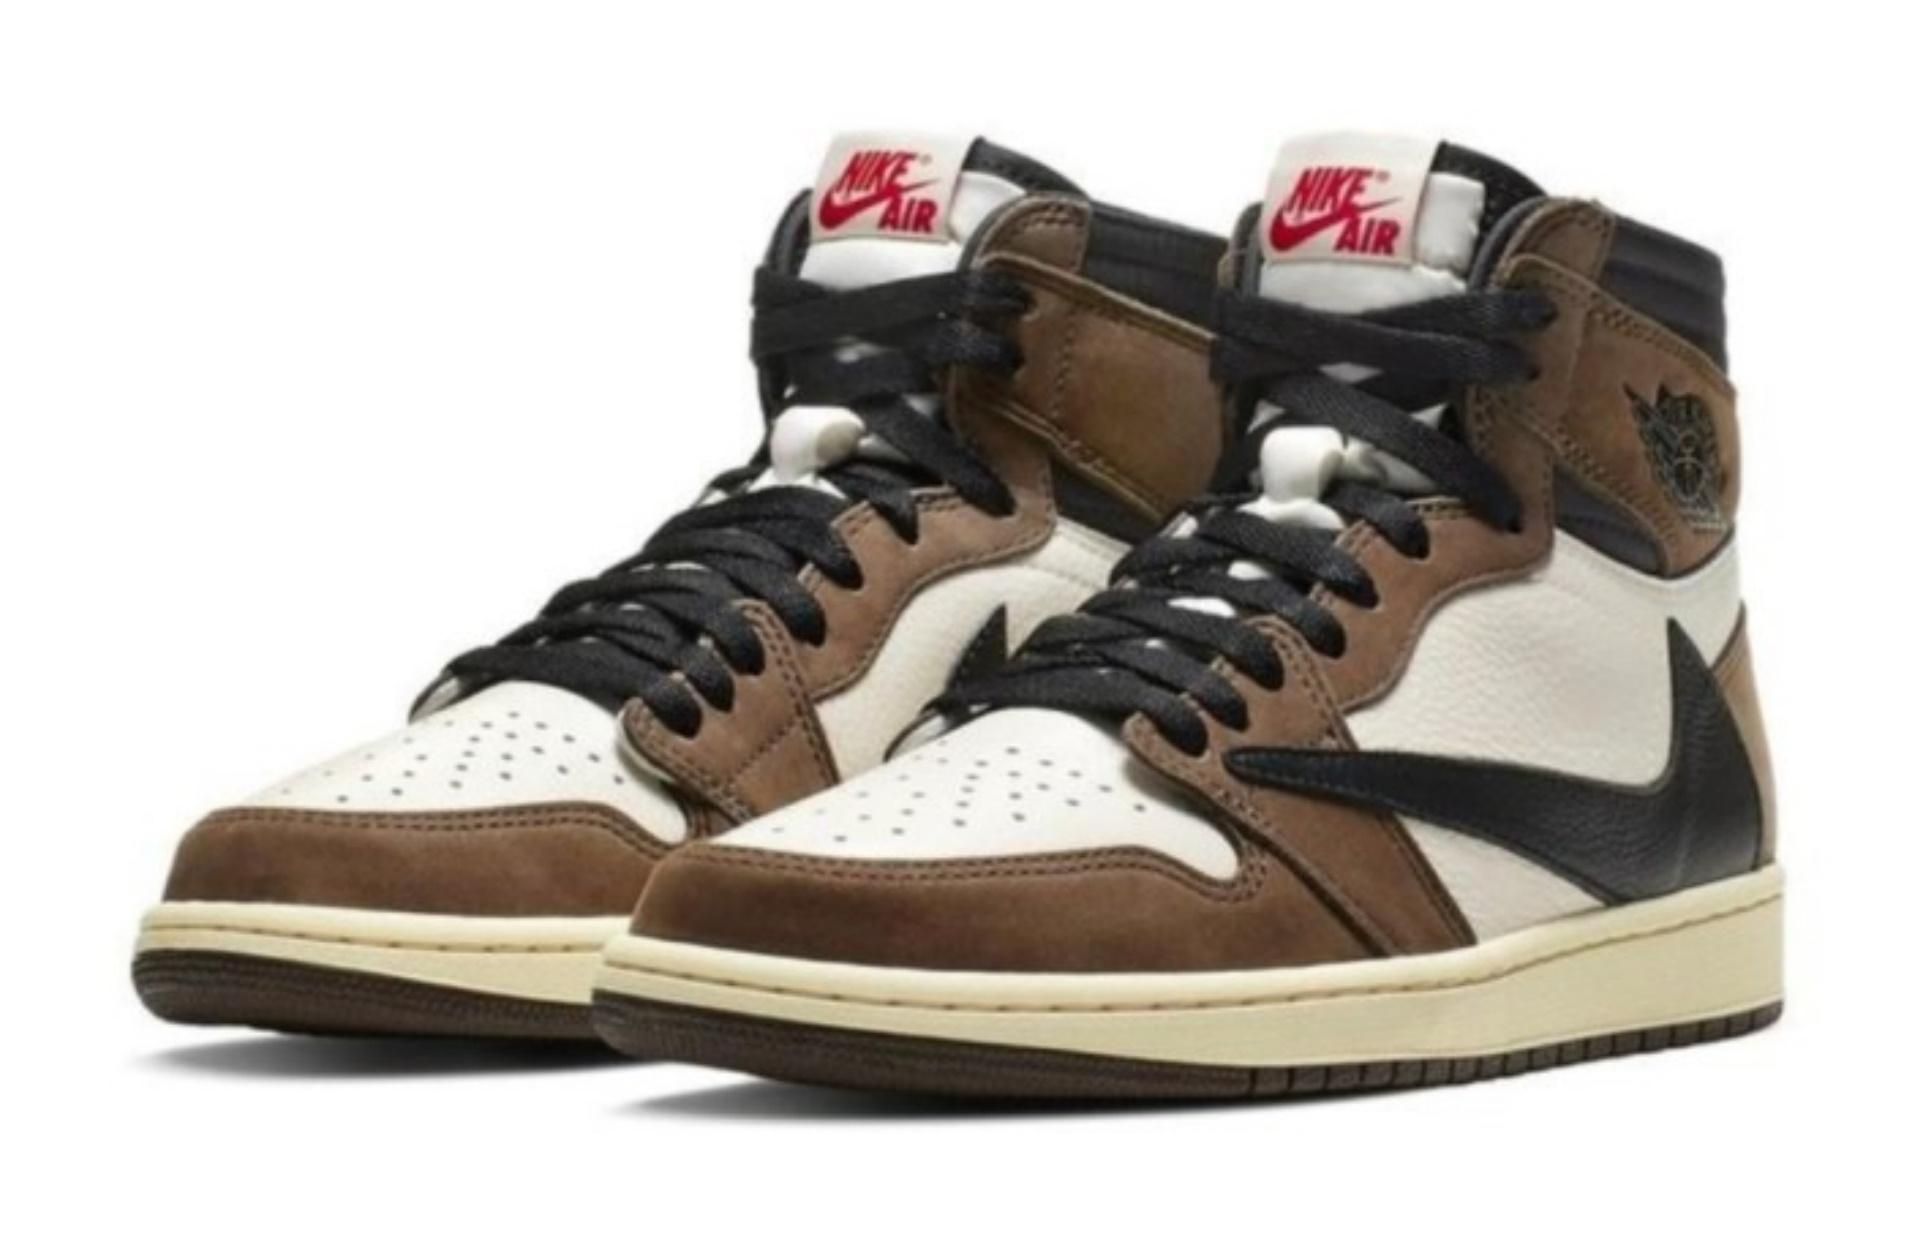 Δείτε ποια είναι τα 25 πιο δημοφιλή sneakers αυτή την στιγμή